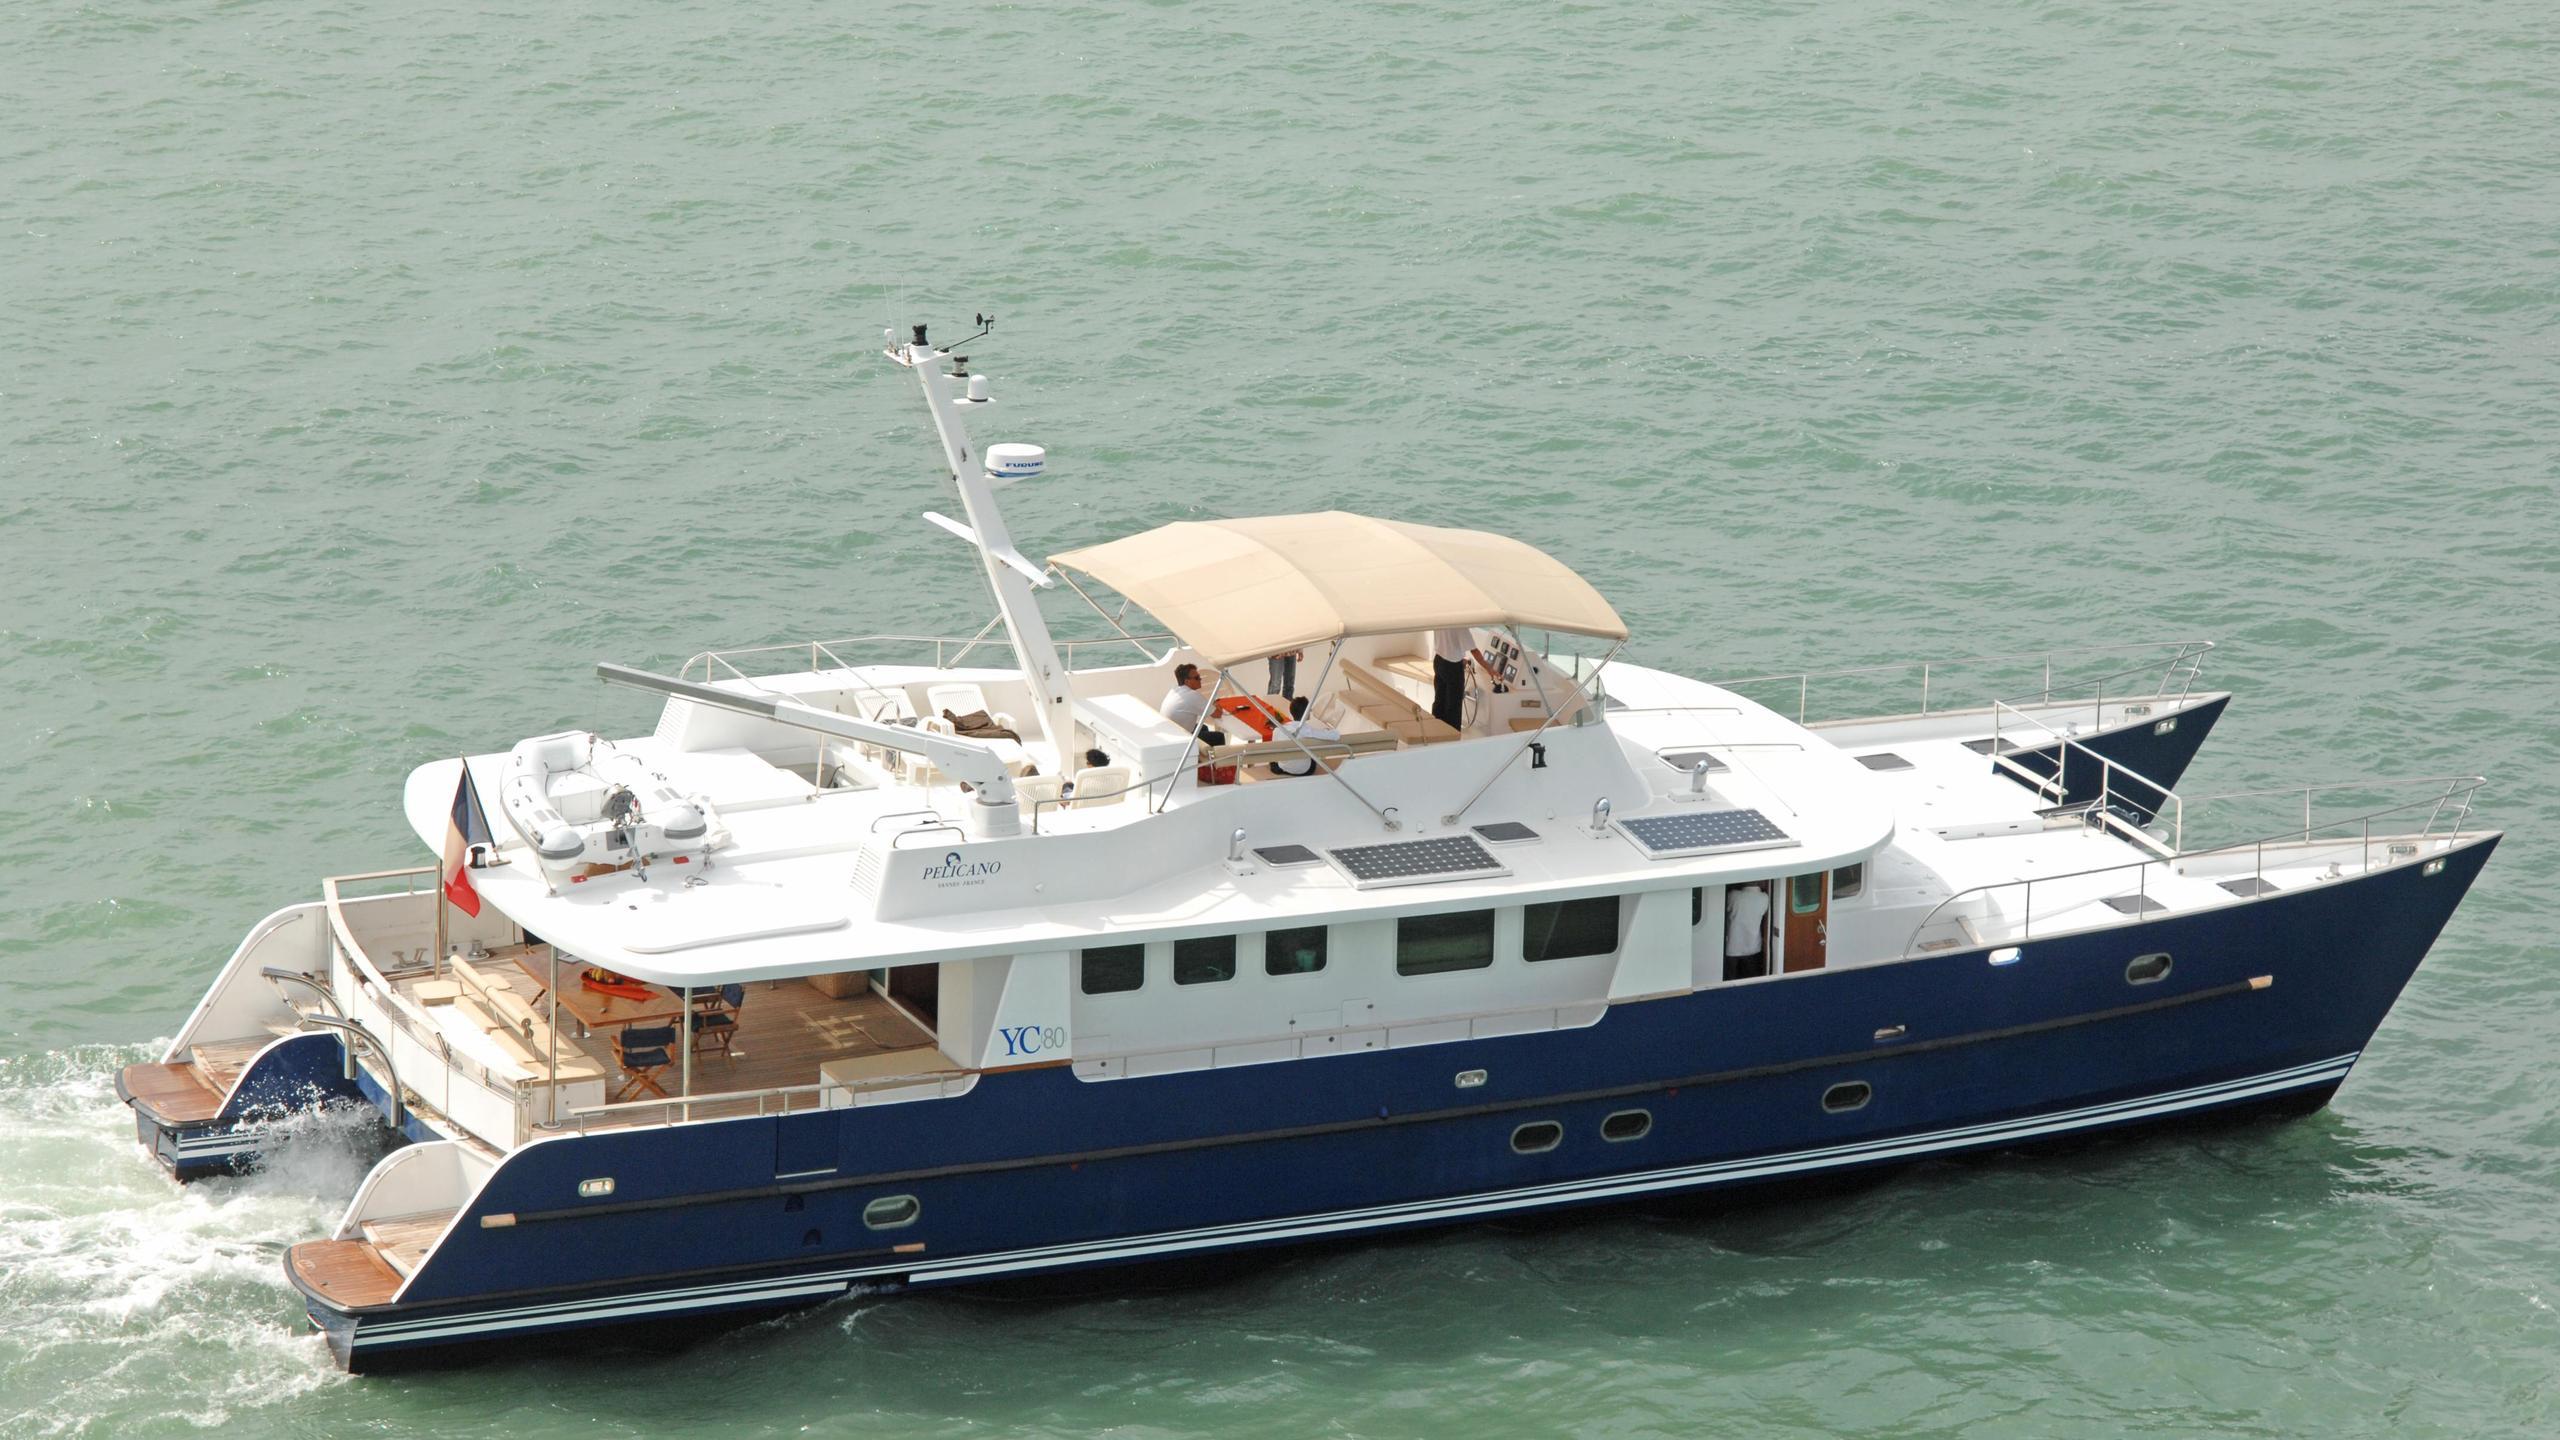 pelicano-yacht-for-sale-profile